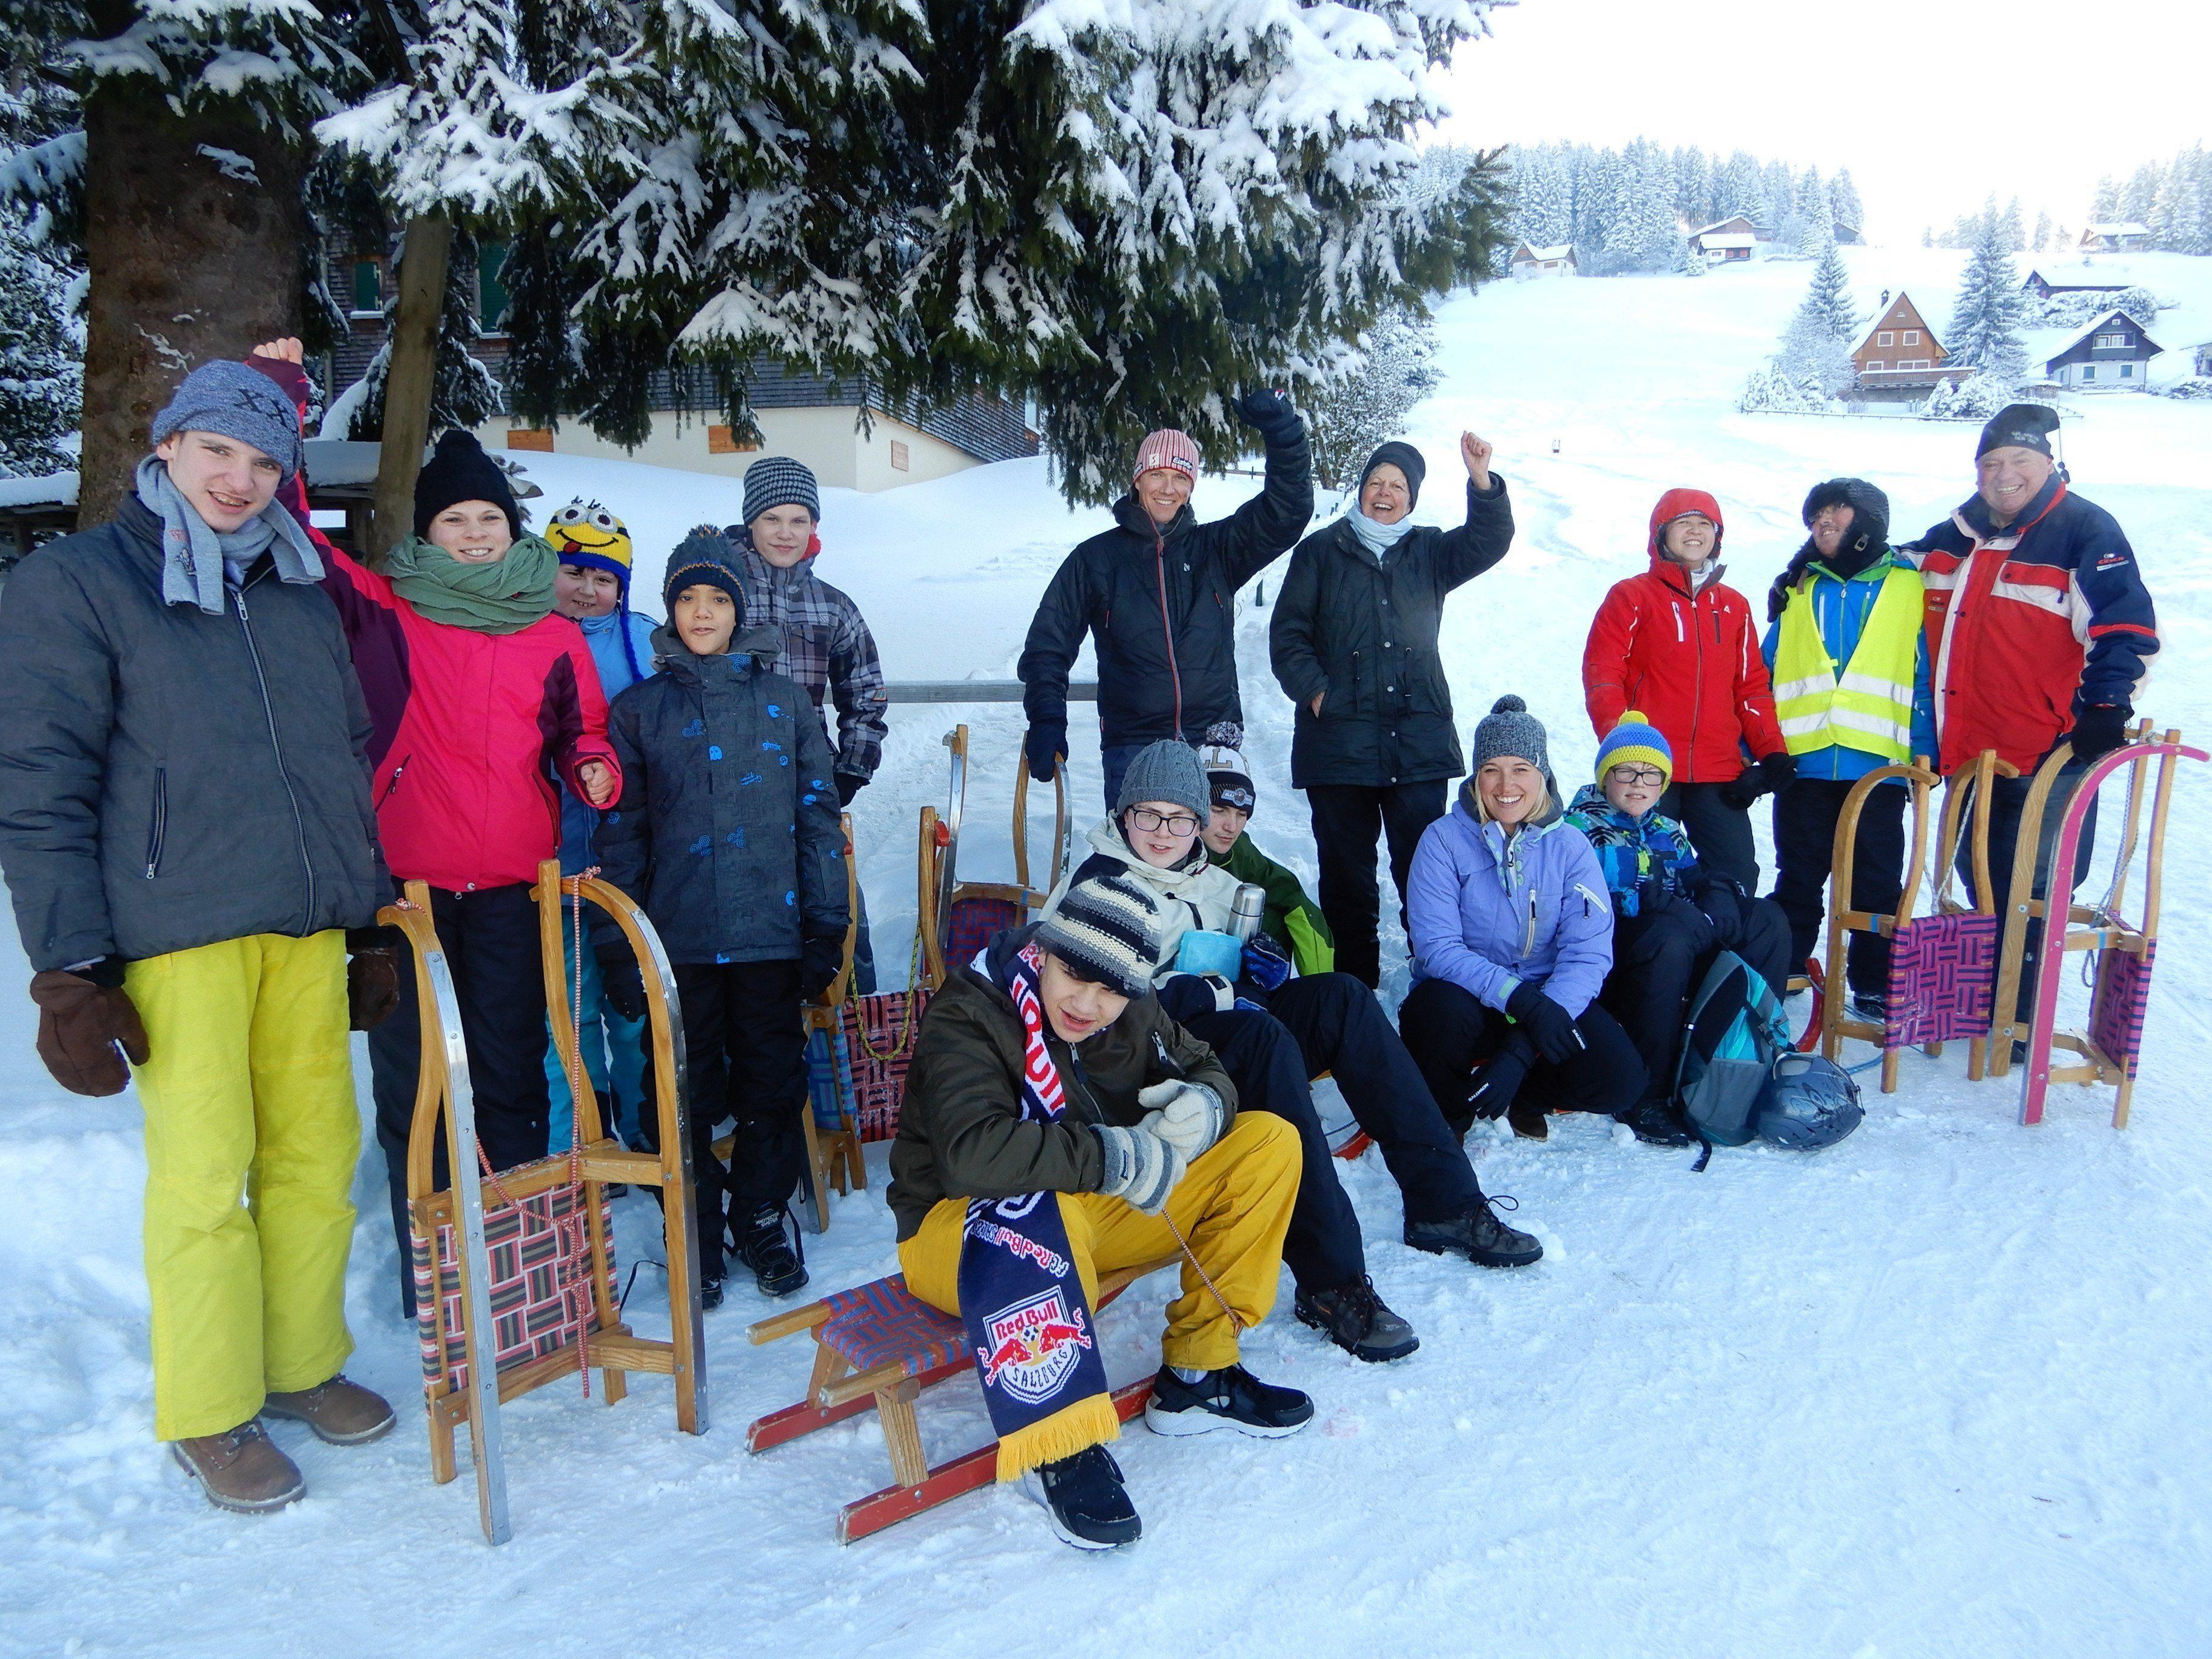 Das bisschen Kälte tat dem Rodelspaß keinen Abbruch. Die Schüler der ASO Lauterach genossen einen tollen Rodelvormittag.